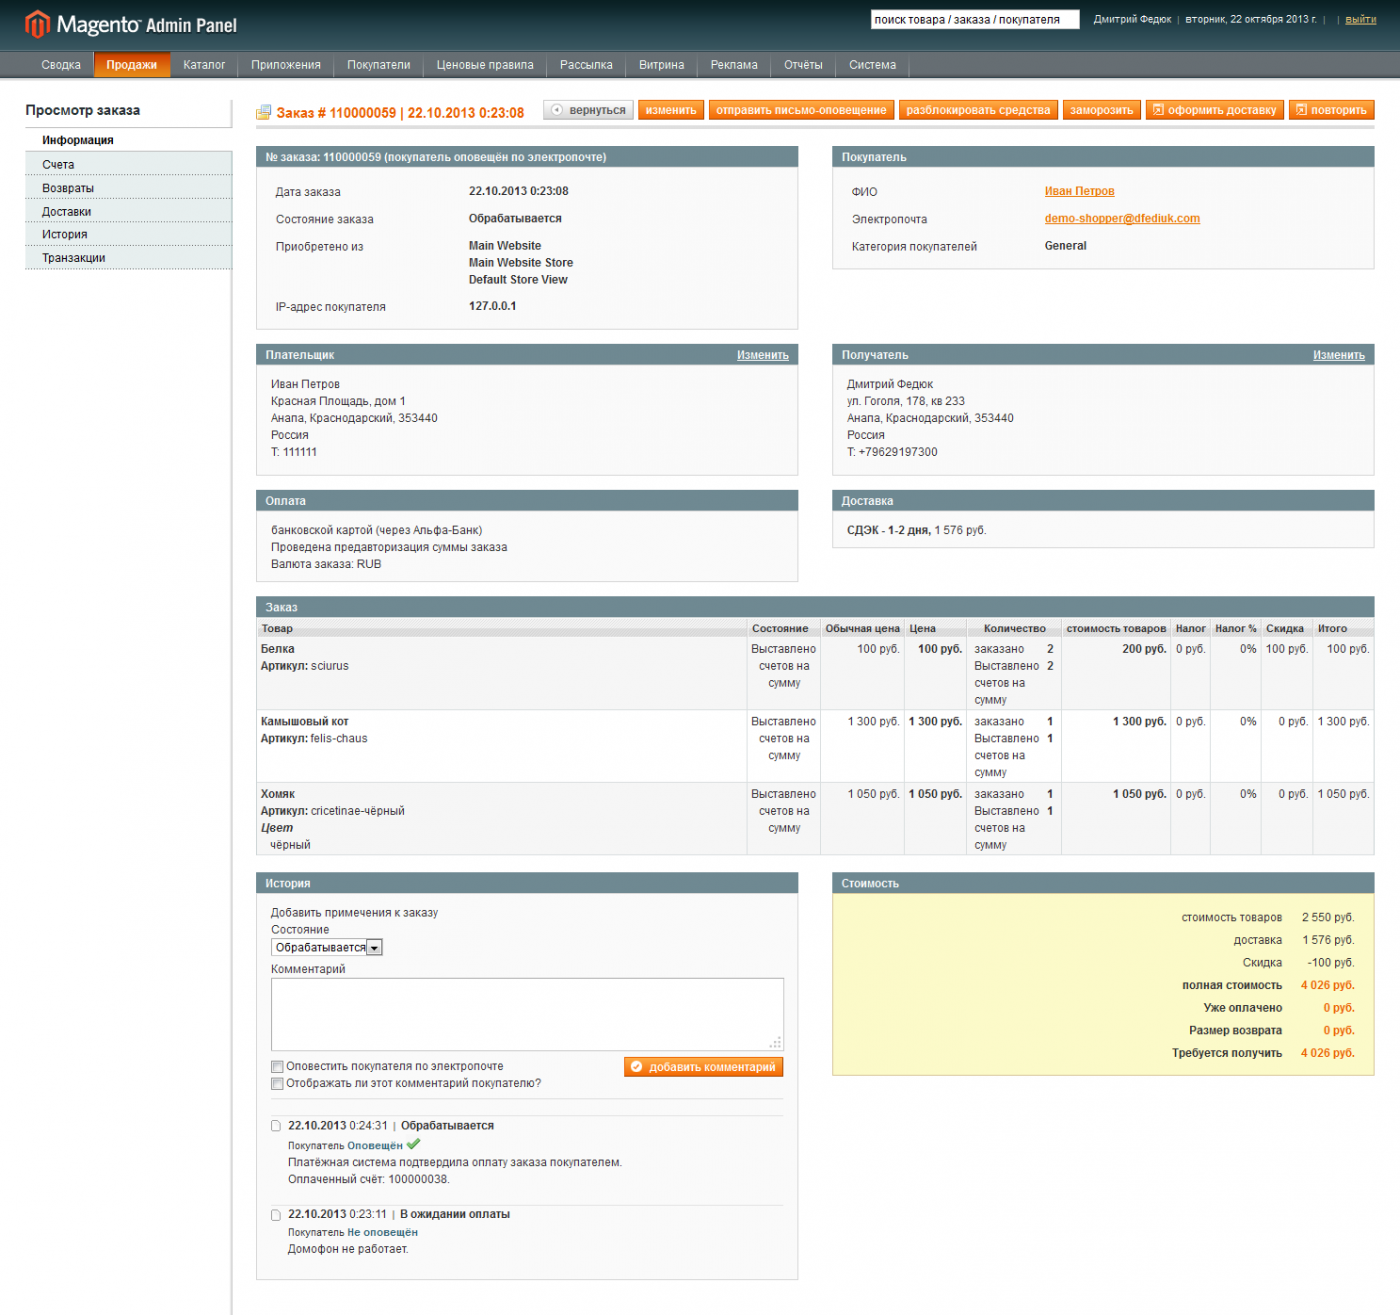 Прикрепленное изображение: alfabank-admin-capture-order.png